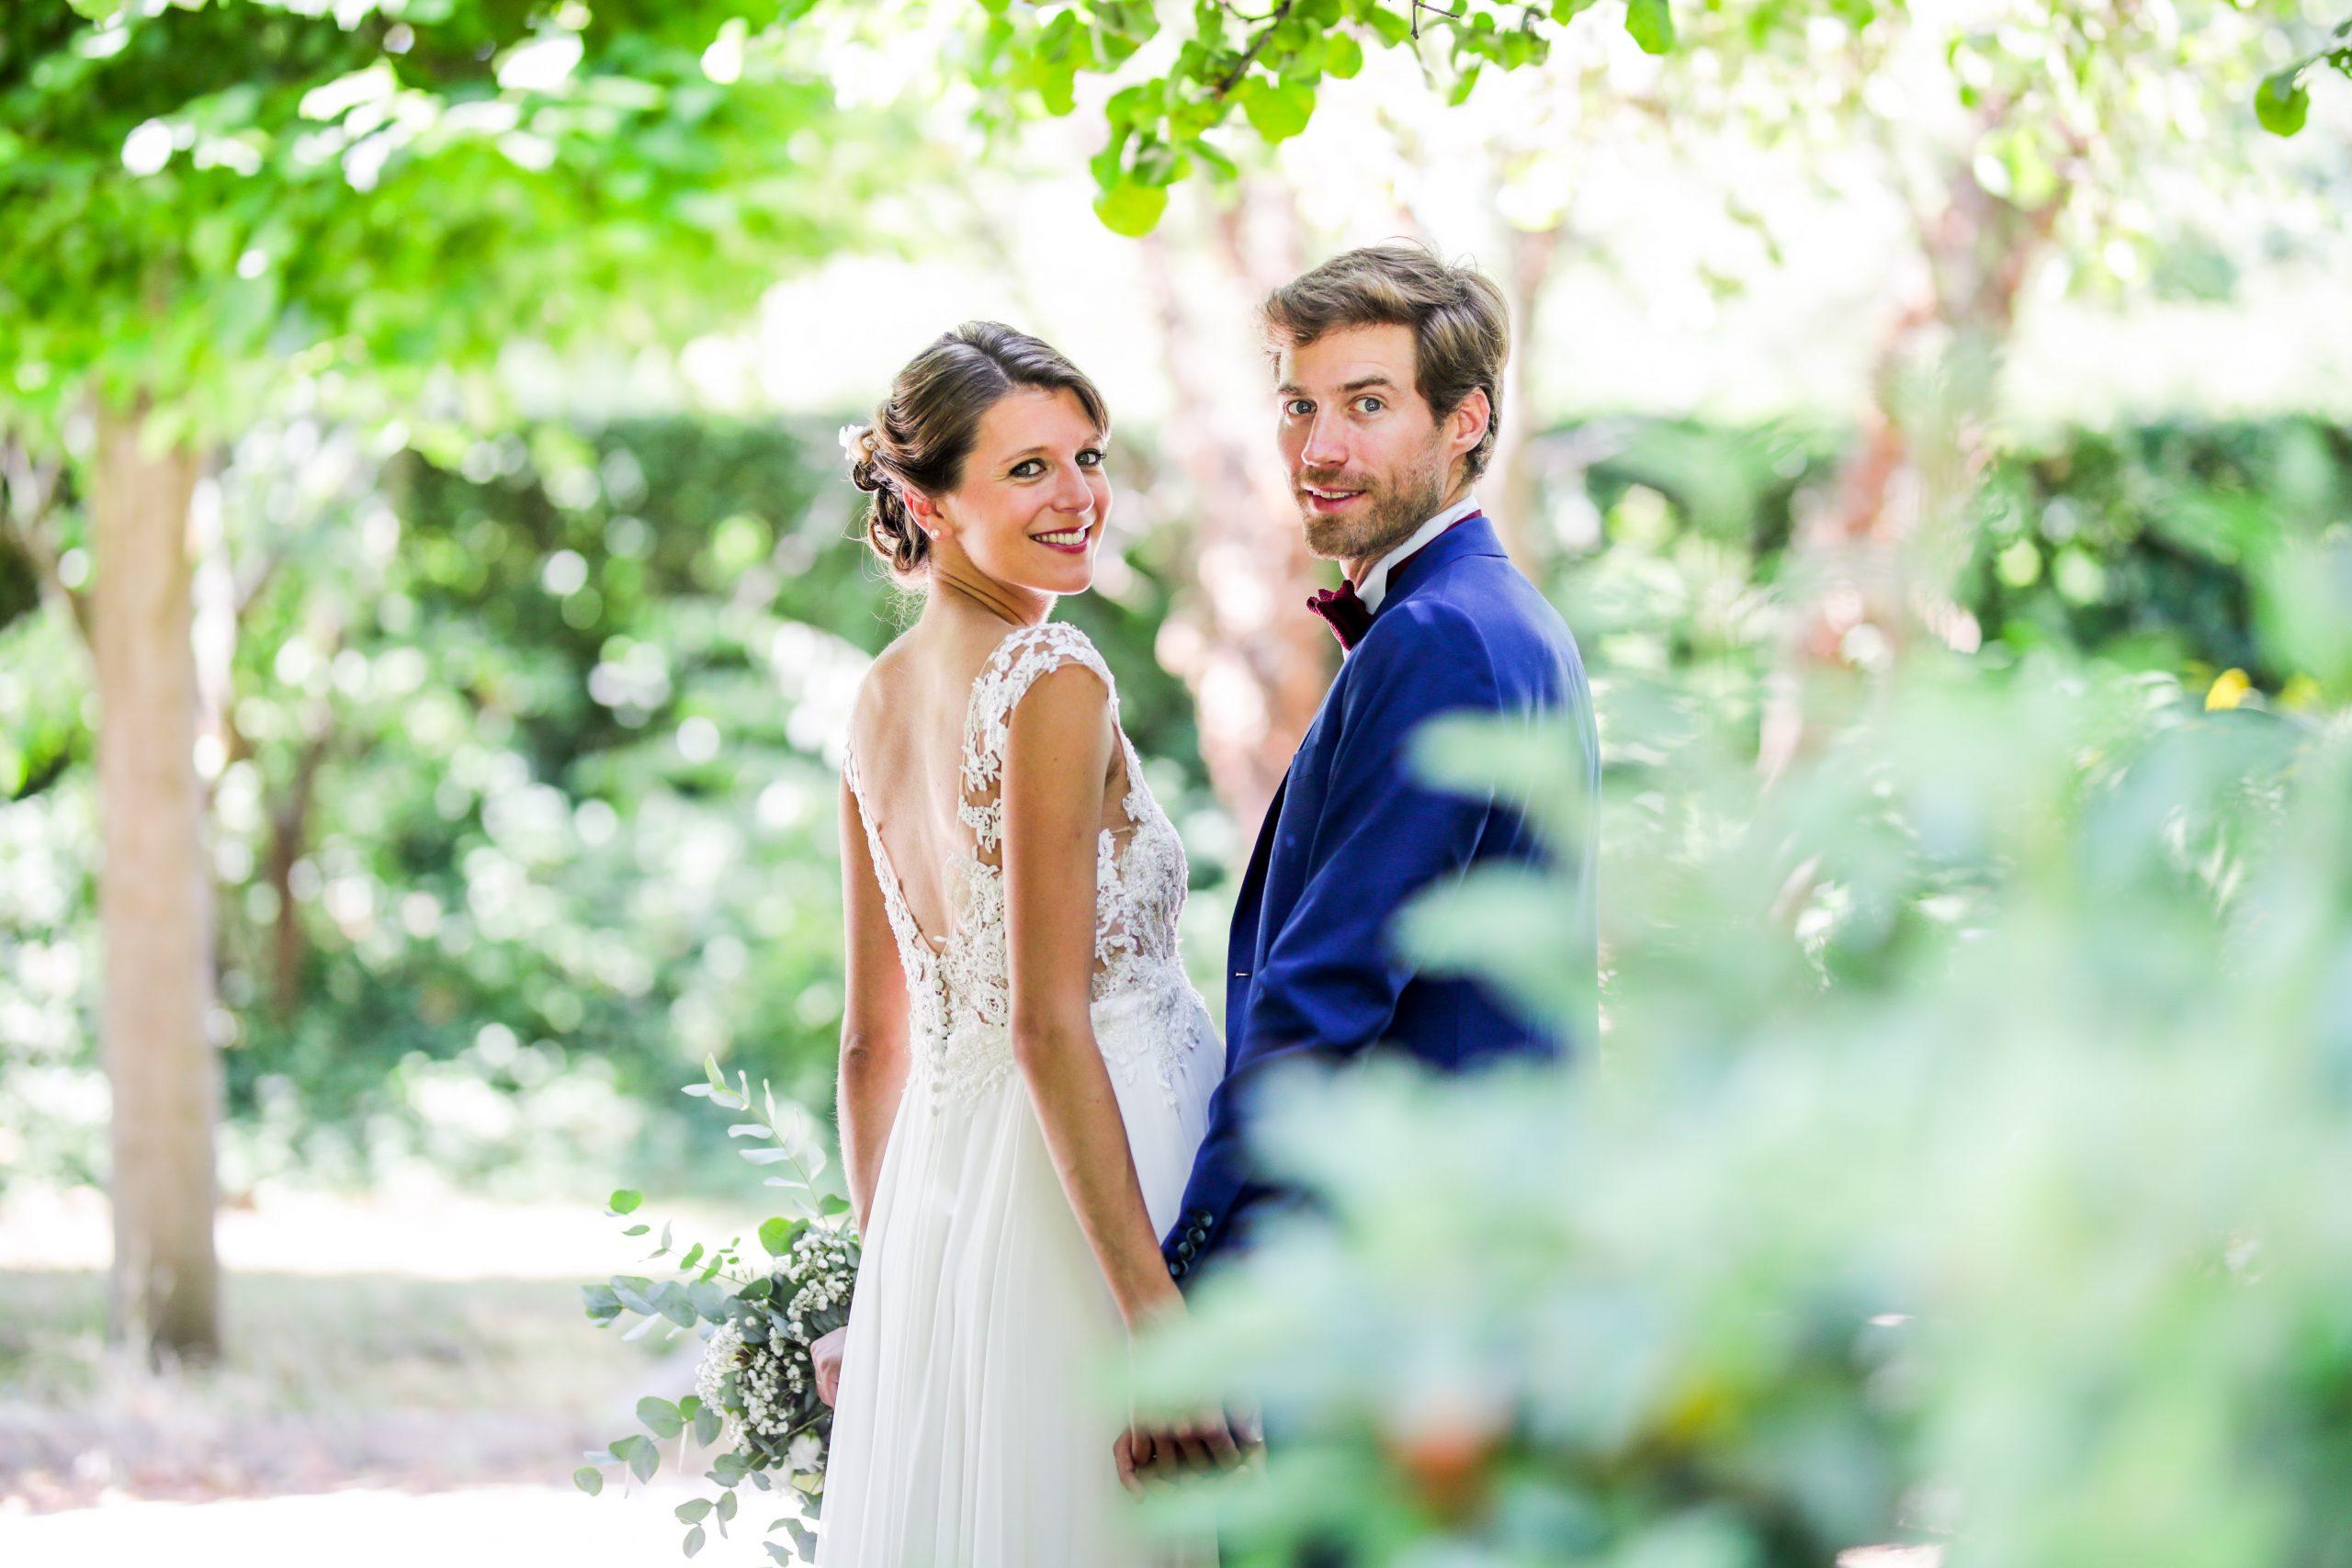 Photographe de mariage Issy les moulineaux